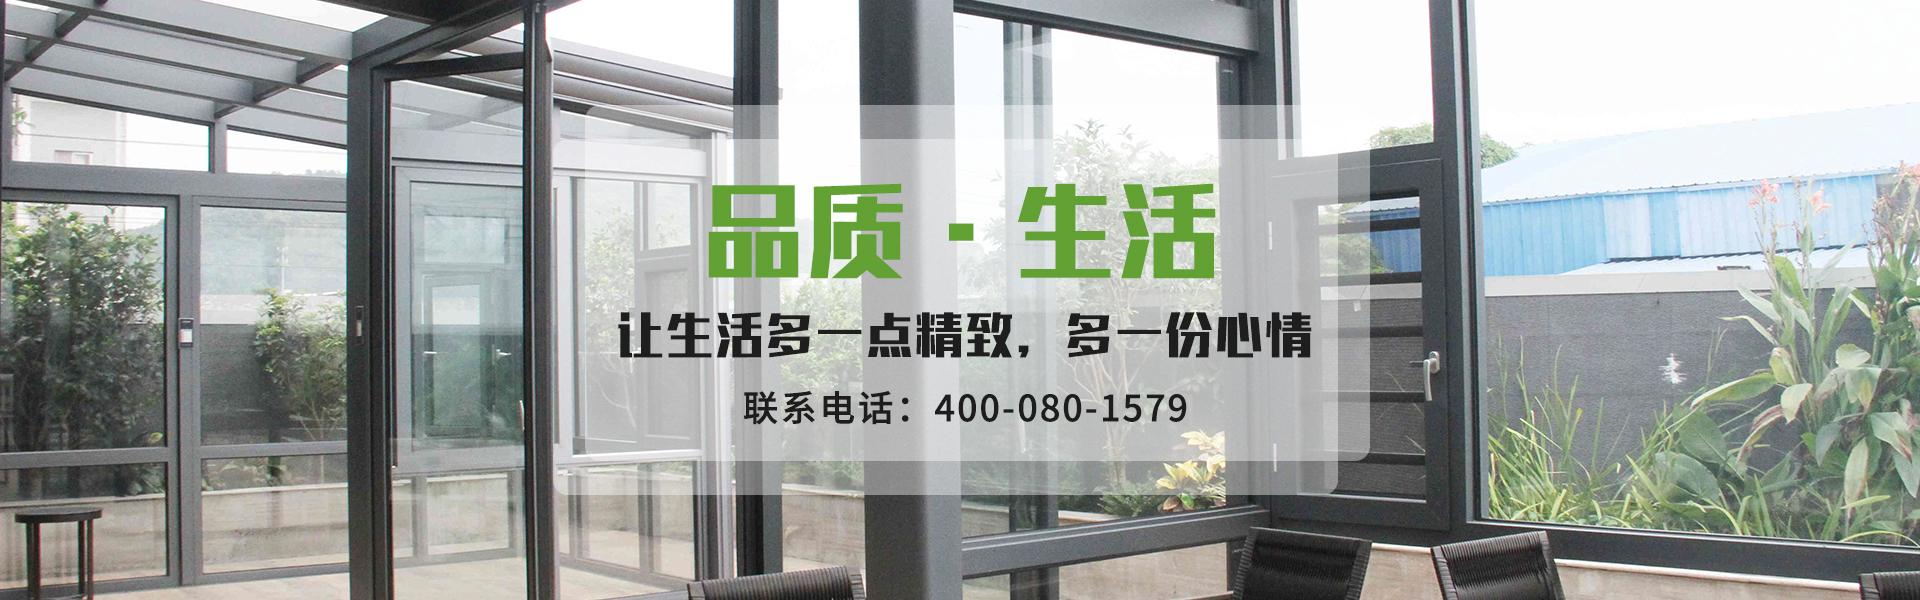 桂林博雅门窗